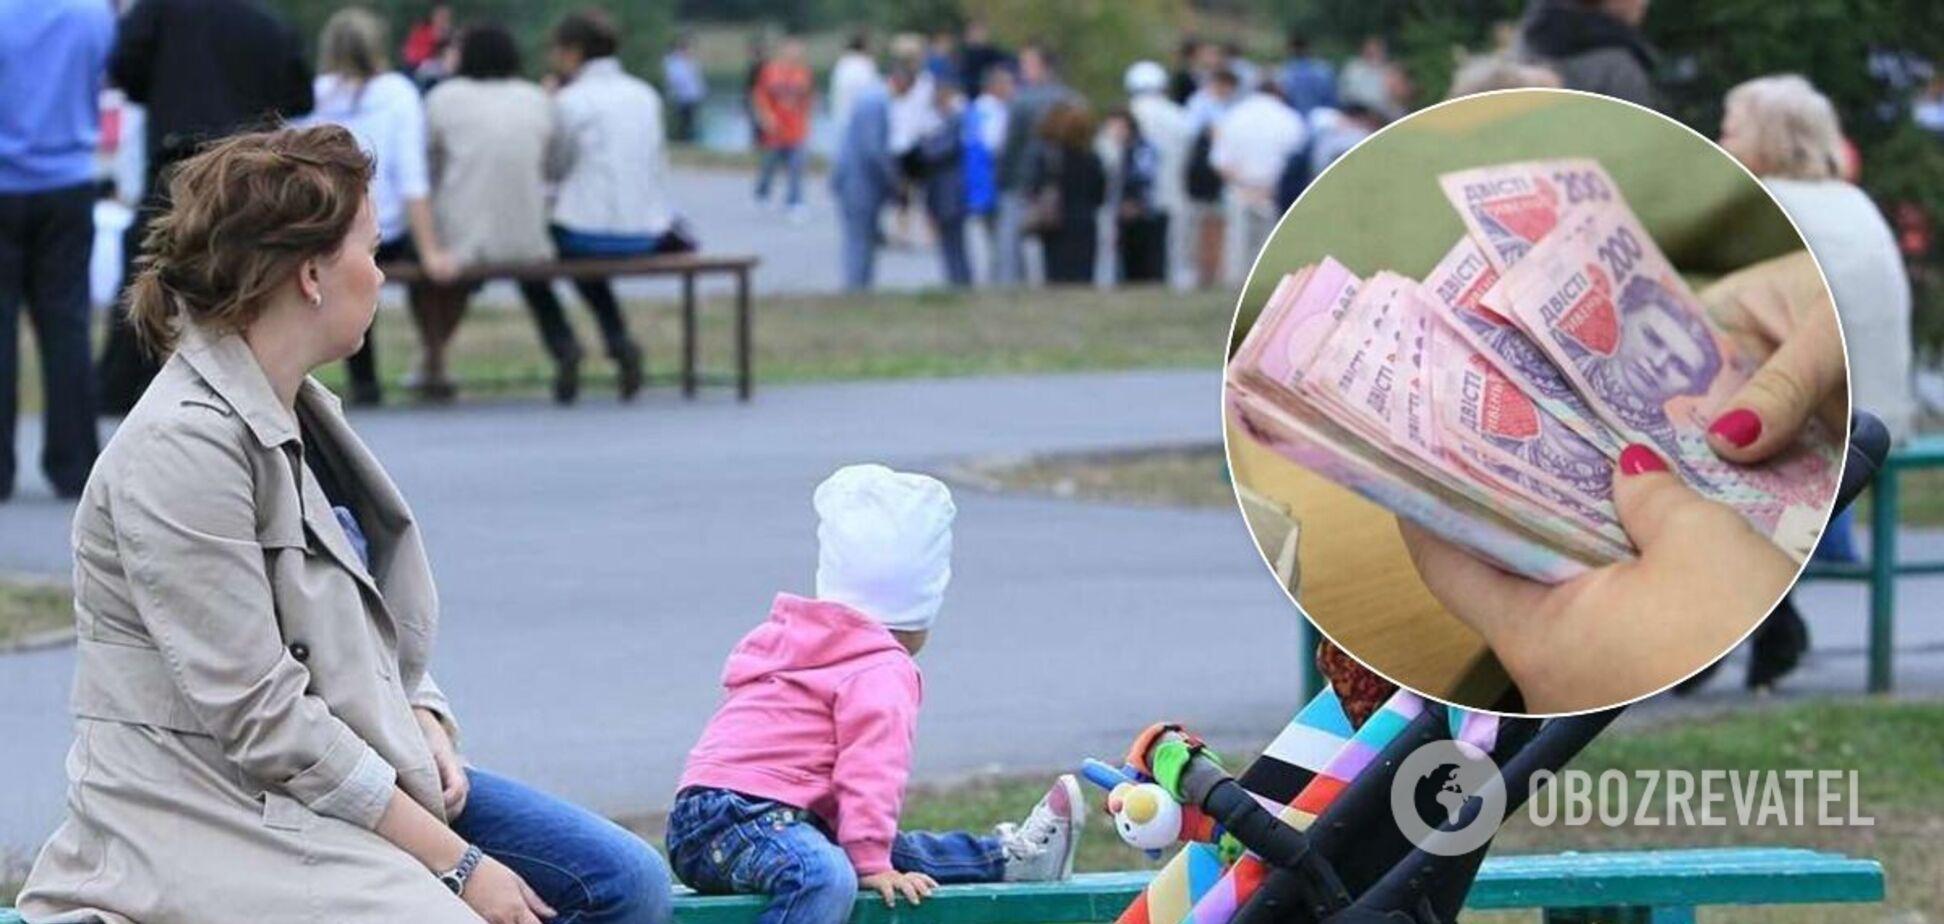 У матерей-одиночек начали требовать назад выплаченную помощь: украинцы разгневаны. Фотофакт